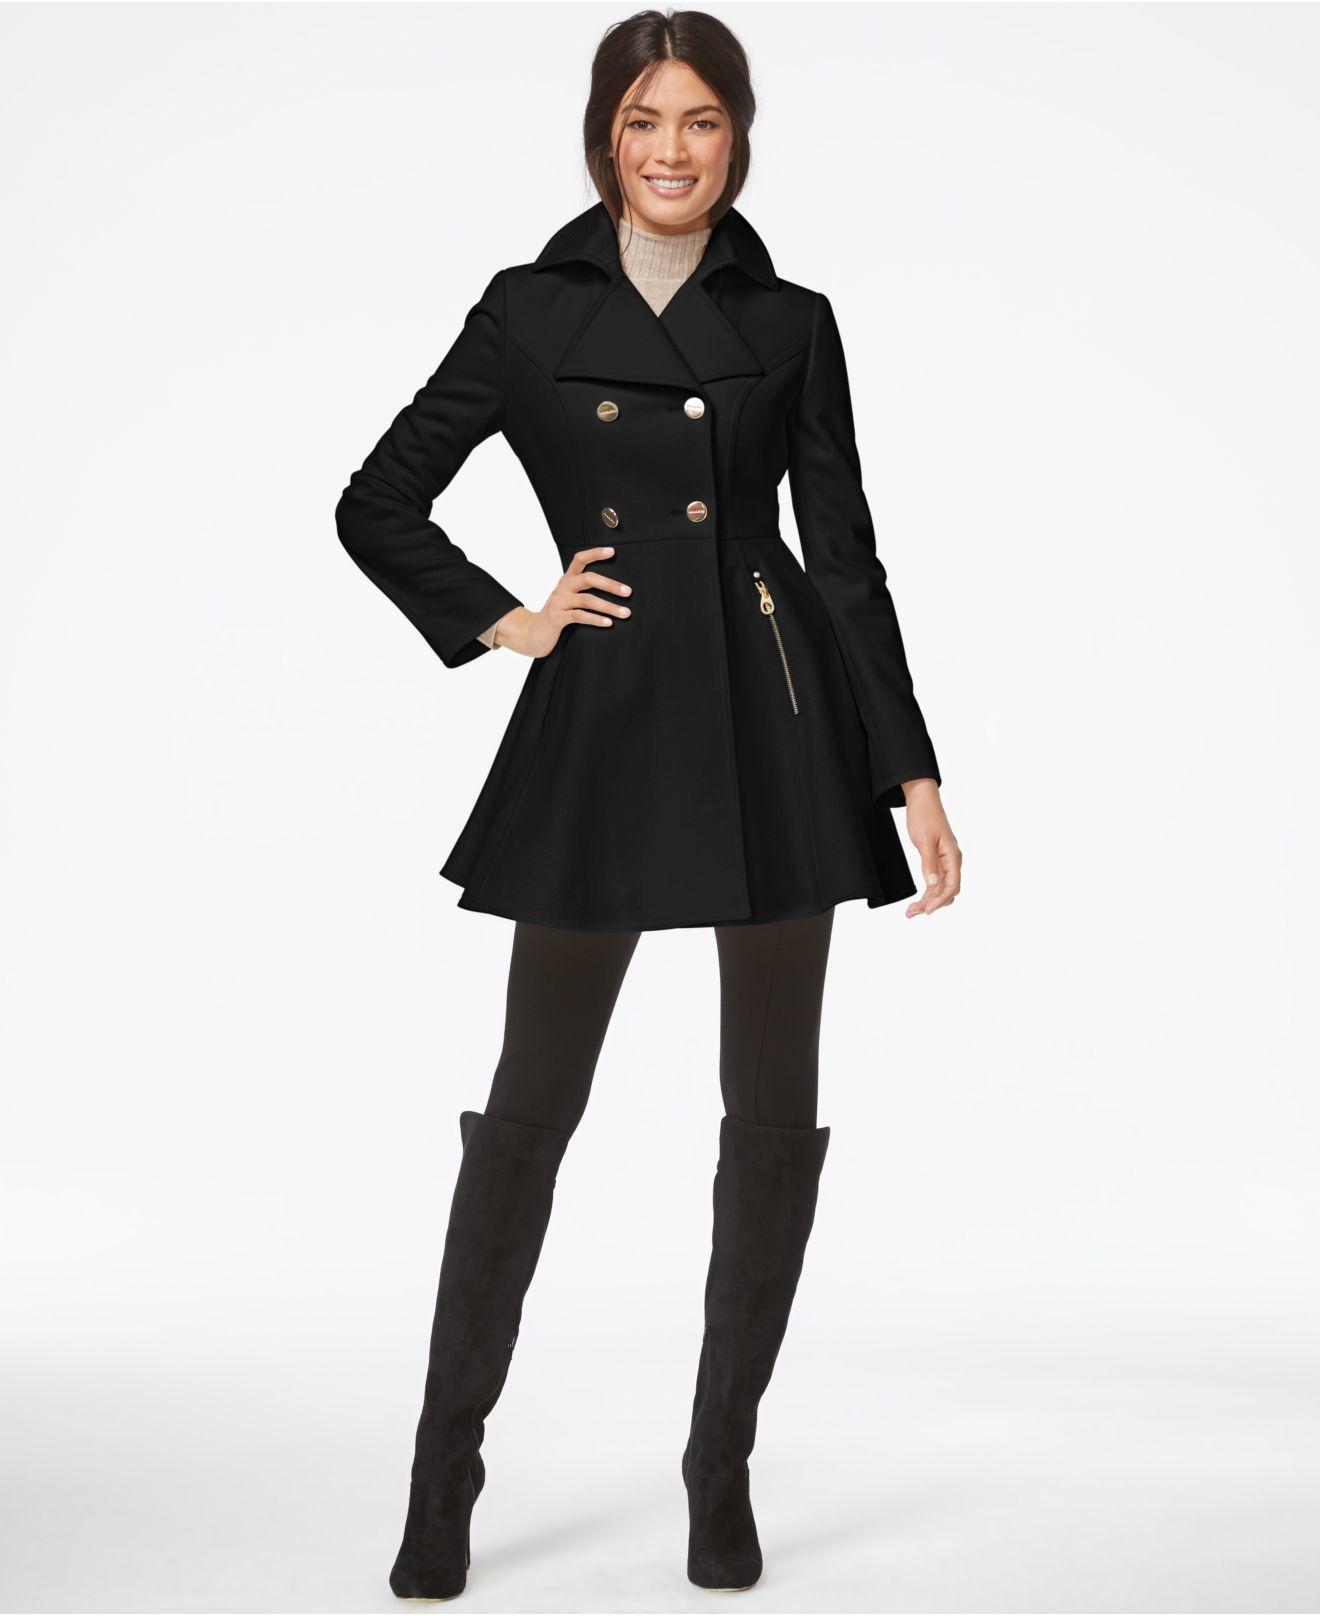 Petite Pea Coats Women